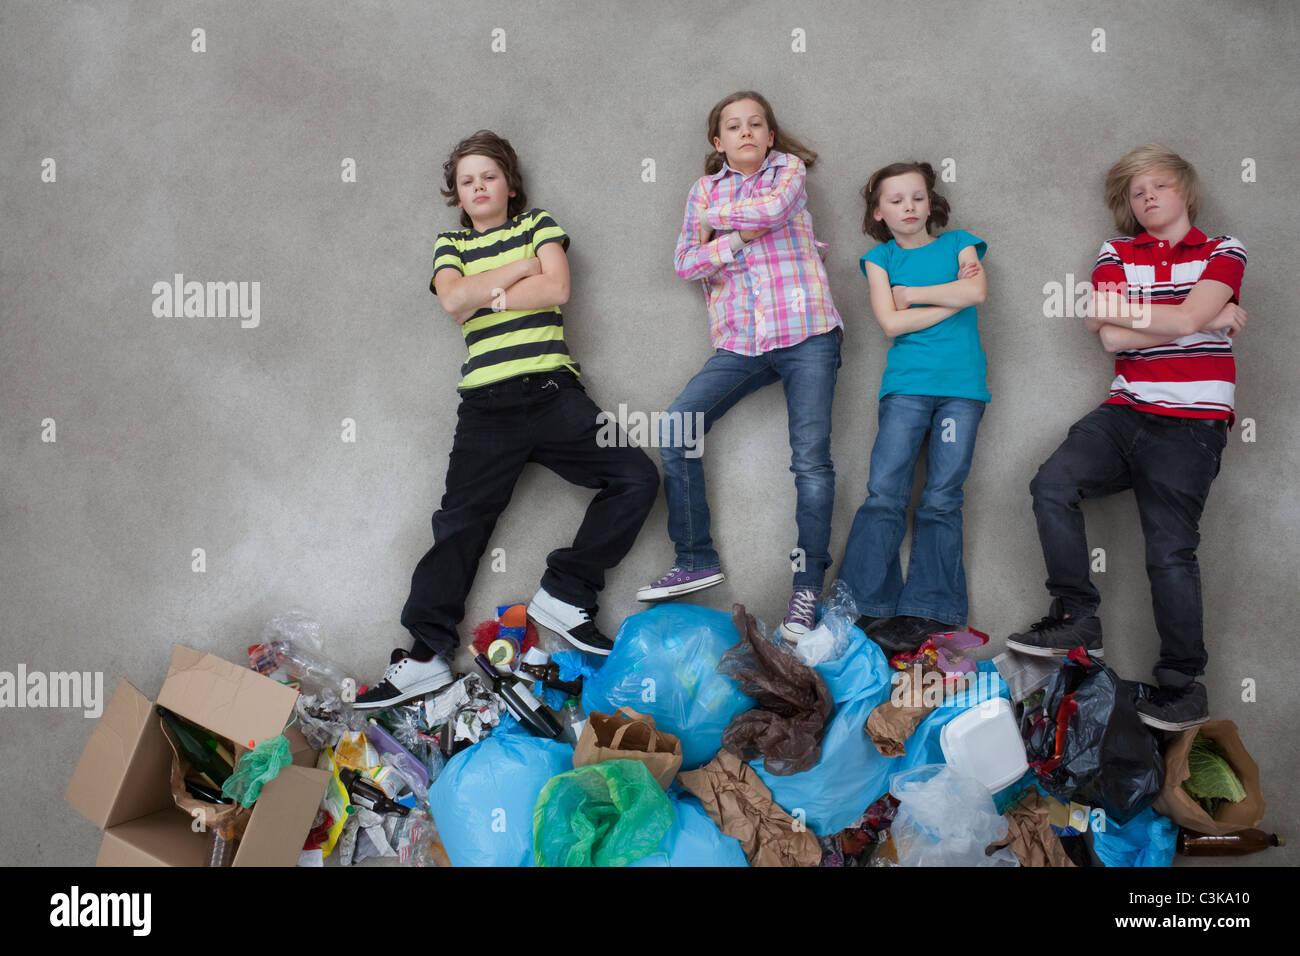 Kinder auf Stapel von Müll und Ökologie-Symbol anzeigen Stockbild